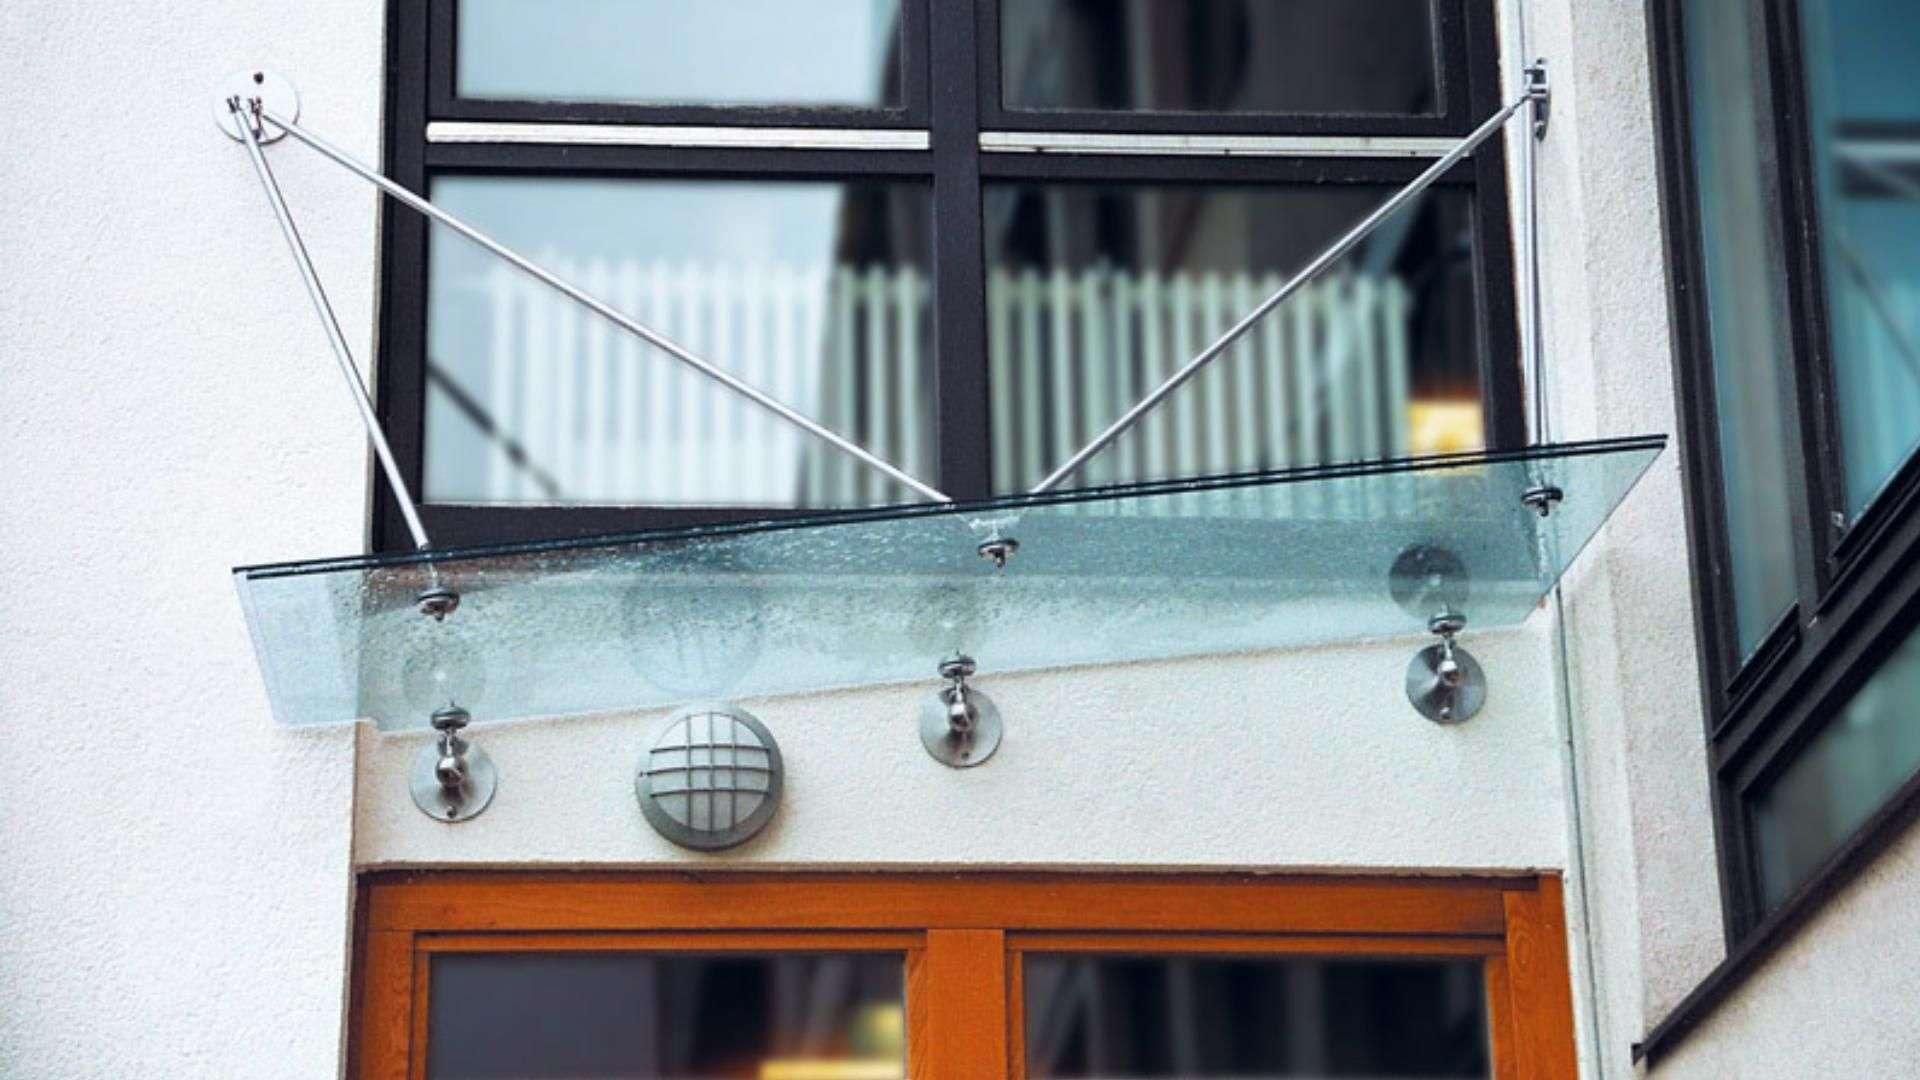 Vordach aus Glas mit ausgefallener Halterung